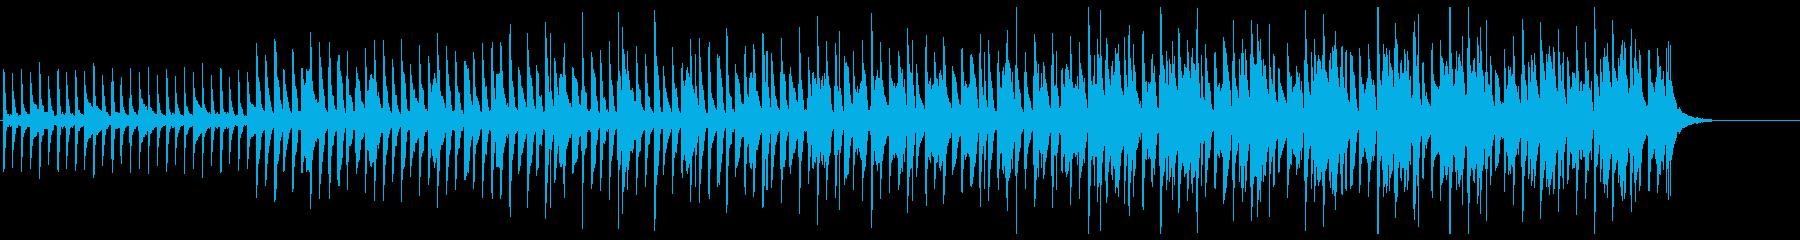 【ホラー】不気味なピアノ【サスペンス】の再生済みの波形